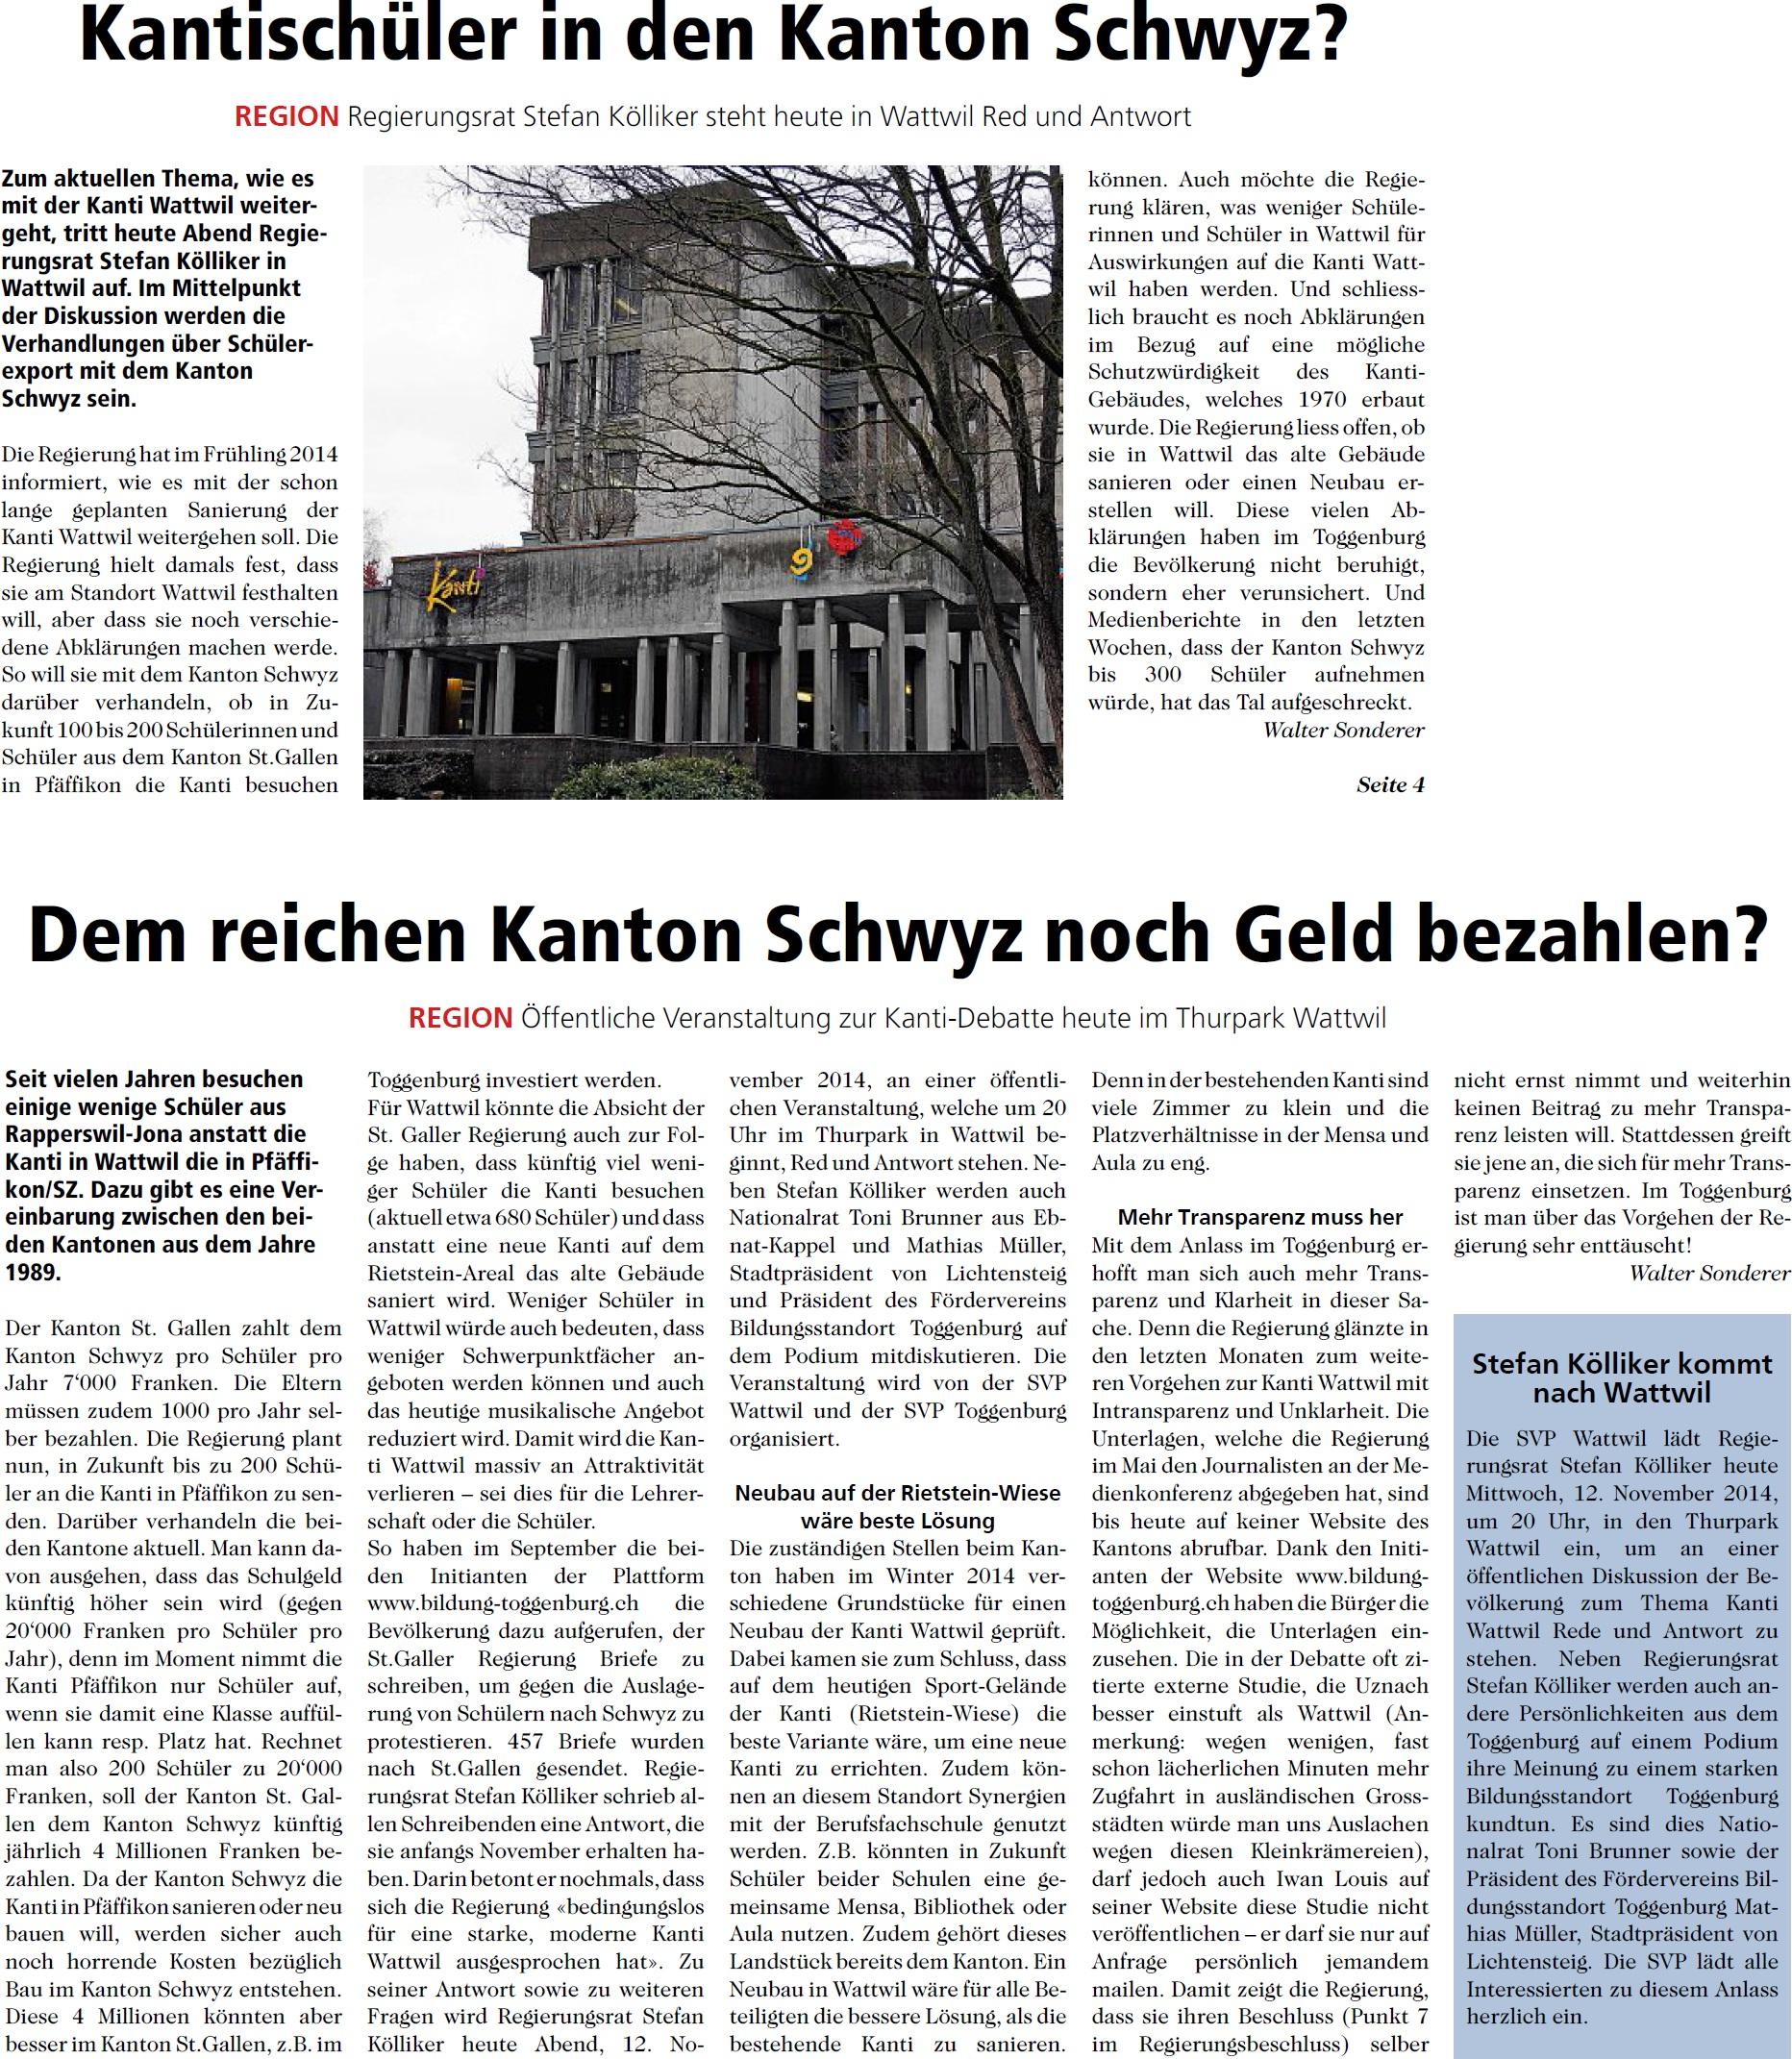 Kantischüler in den Kanton Schwyz? (Mittwoch, 12.11.2014)